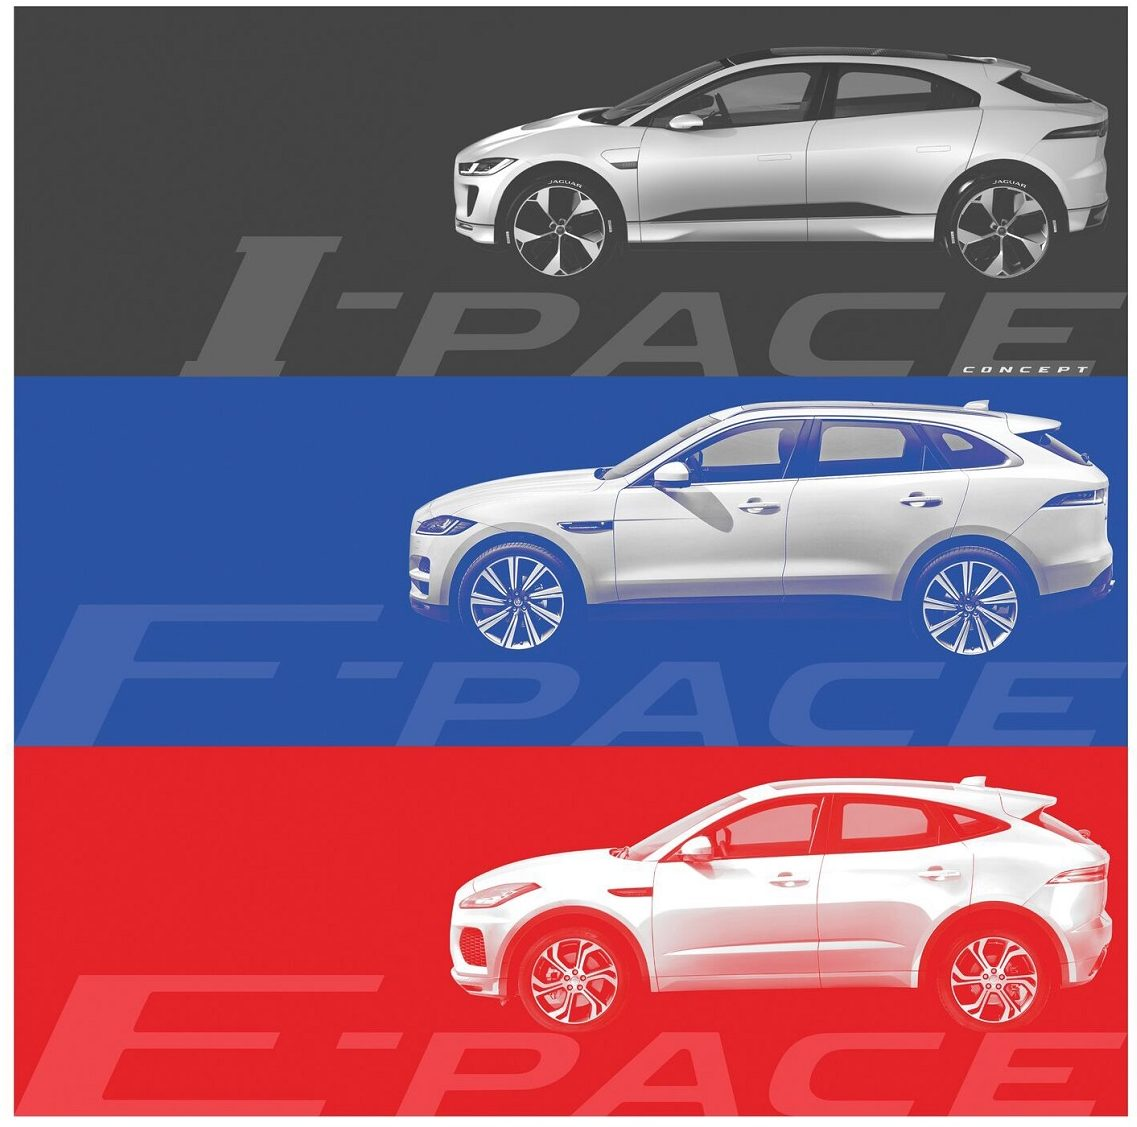 Jaguar I-Pace, Jaguar F-Pace, Jaguar E-Pace - comparação